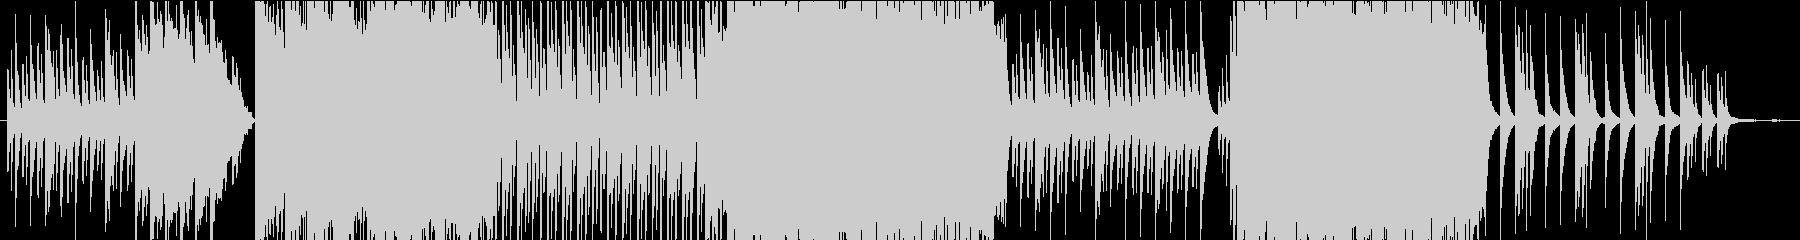 夕暮れ時の雑木林の帰り道をイメージの未再生の波形